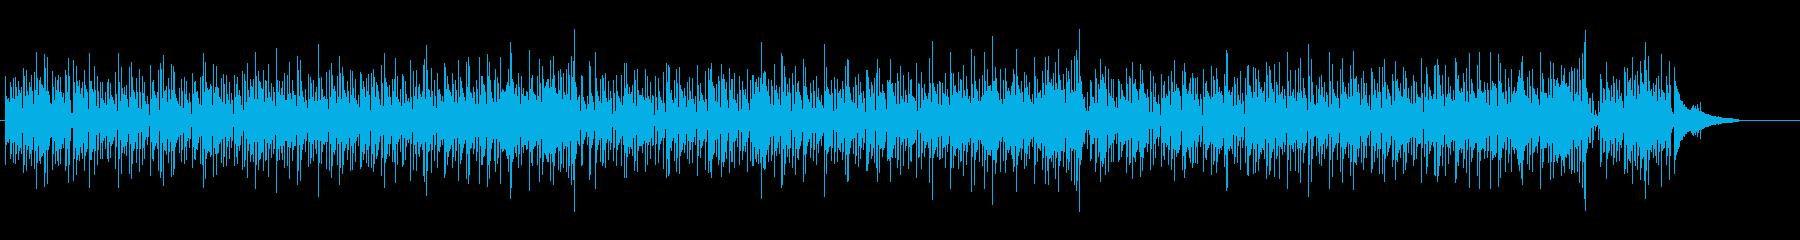 流麗かつ聡明感のあるアコースティックの再生済みの波形